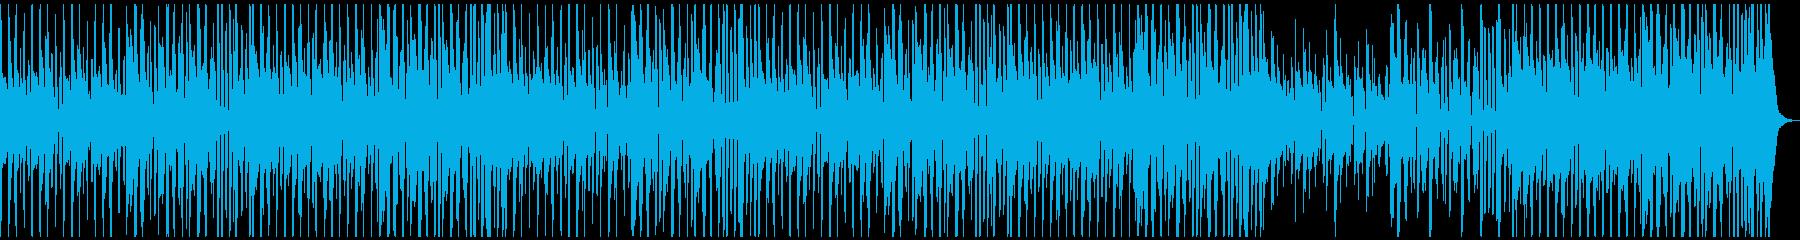 フュージョン ジャズ ファンク ポ...の再生済みの波形